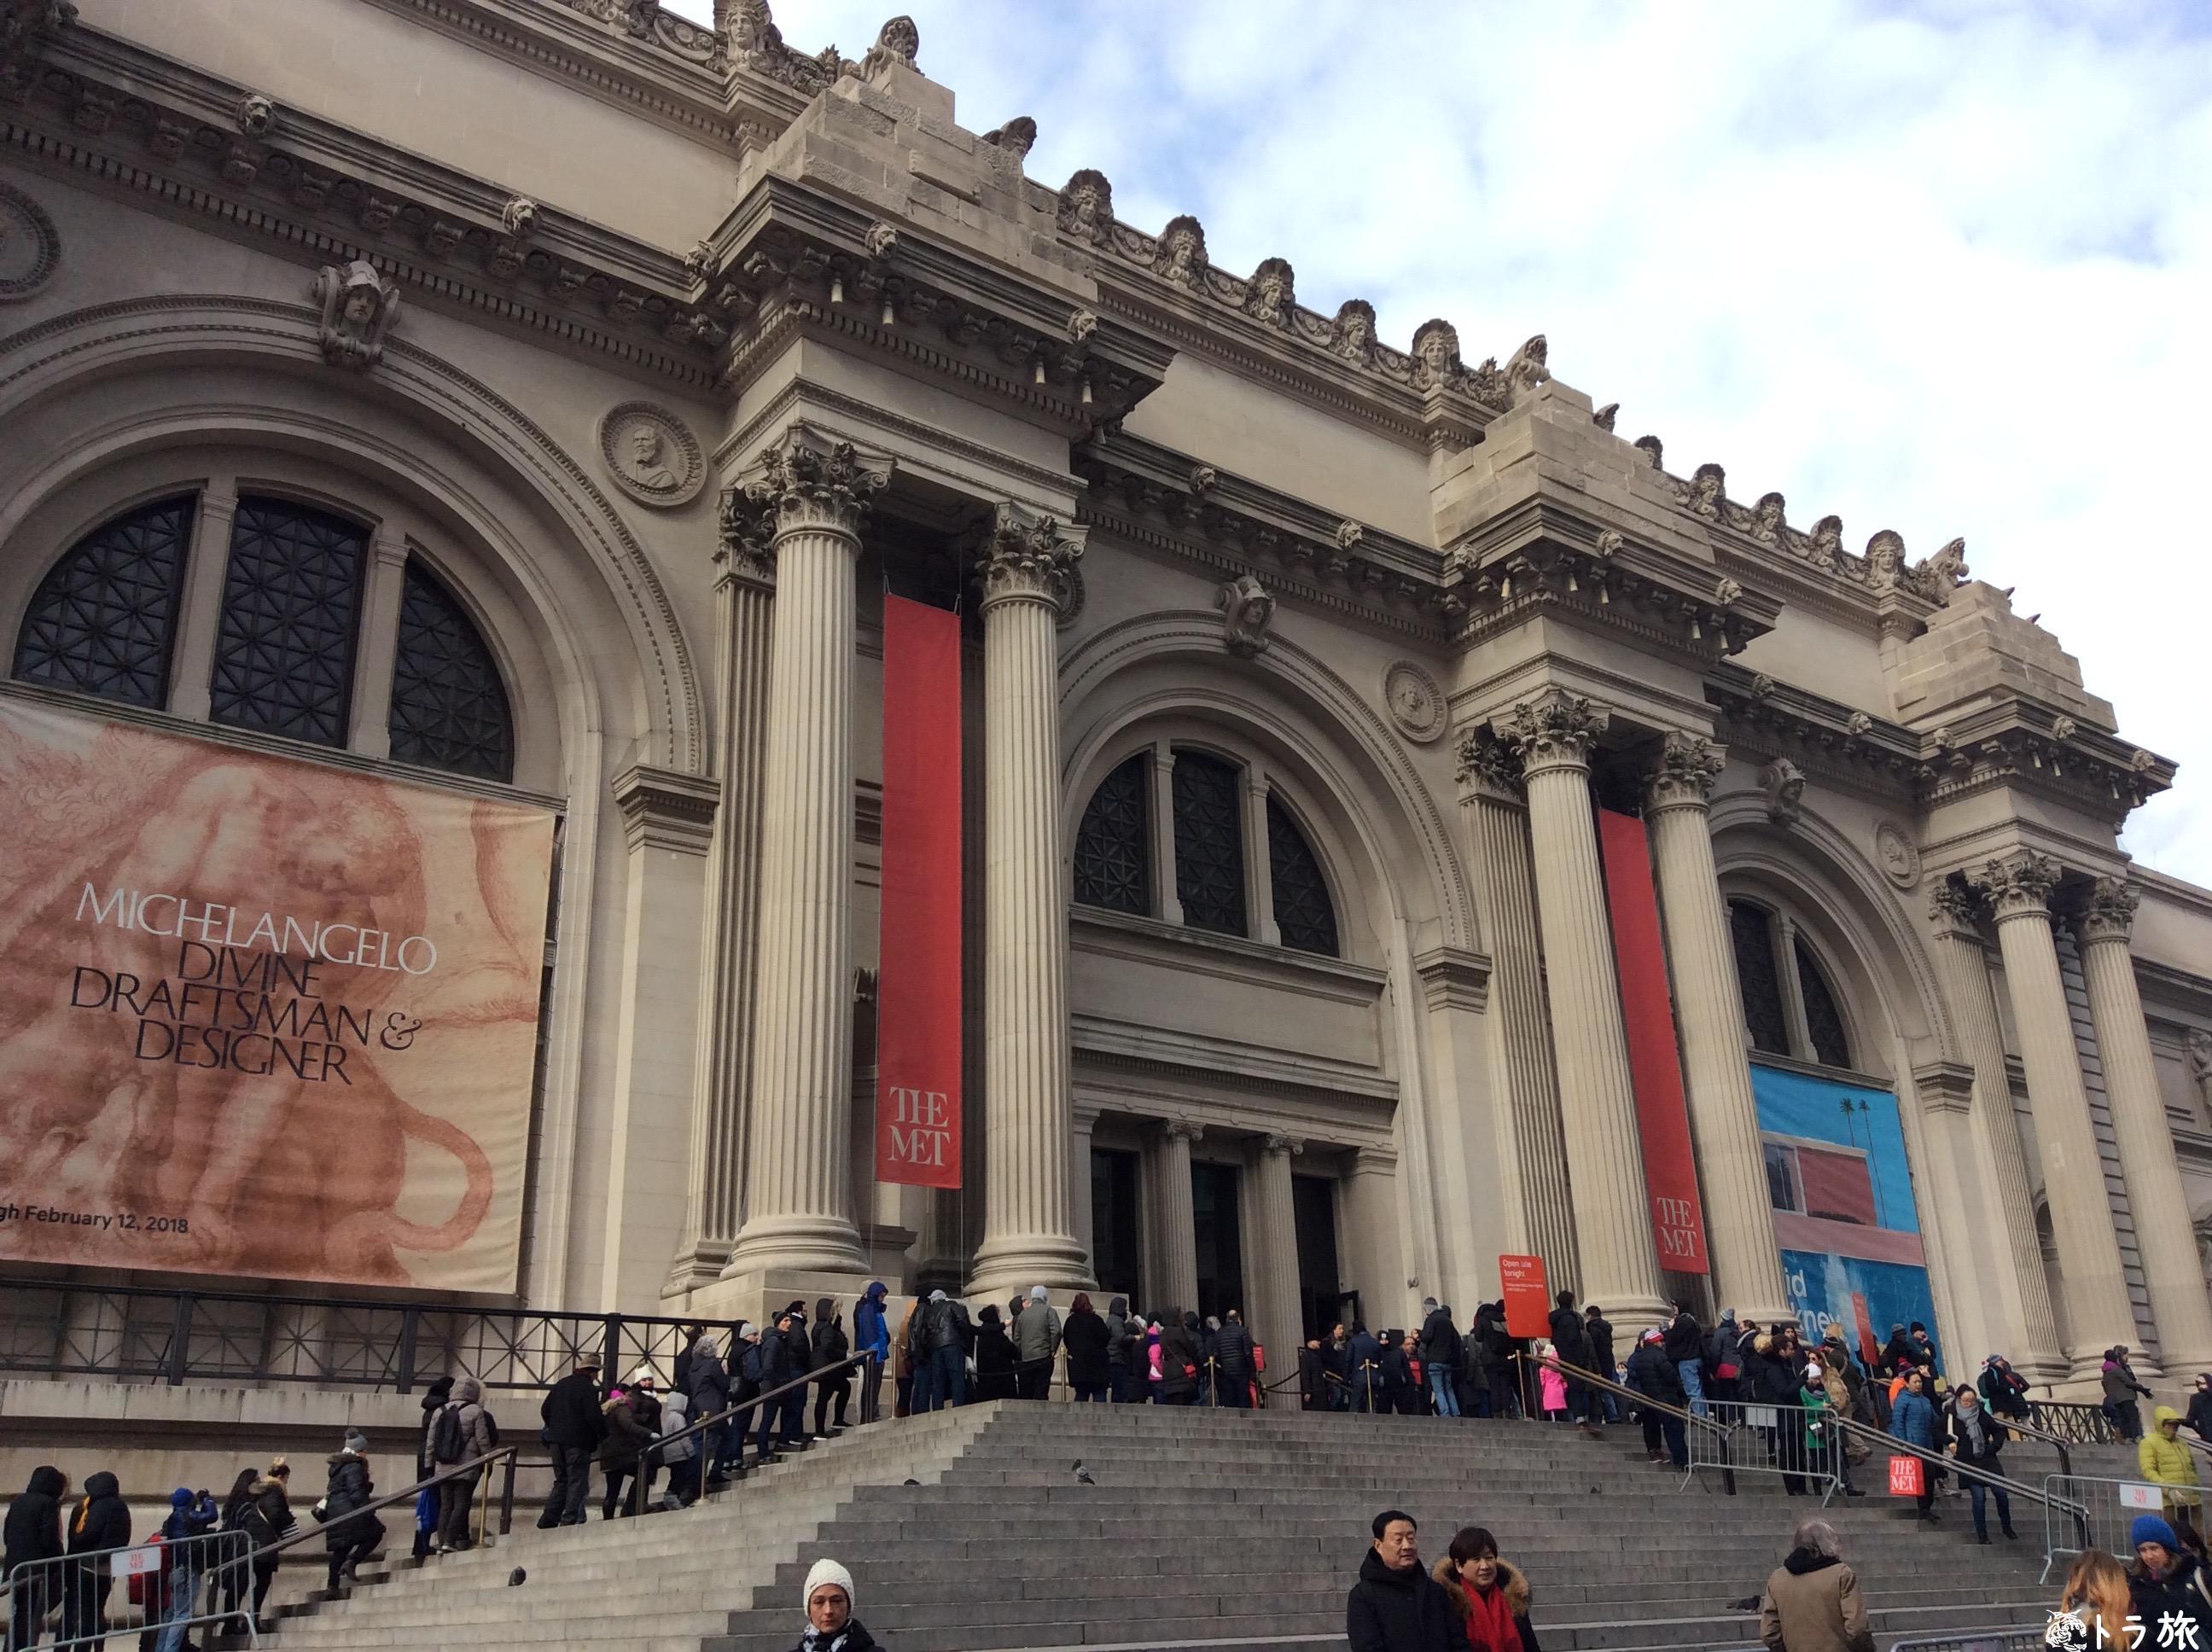 【美術館】1日でニューヨークの美術館を3つ巡りました